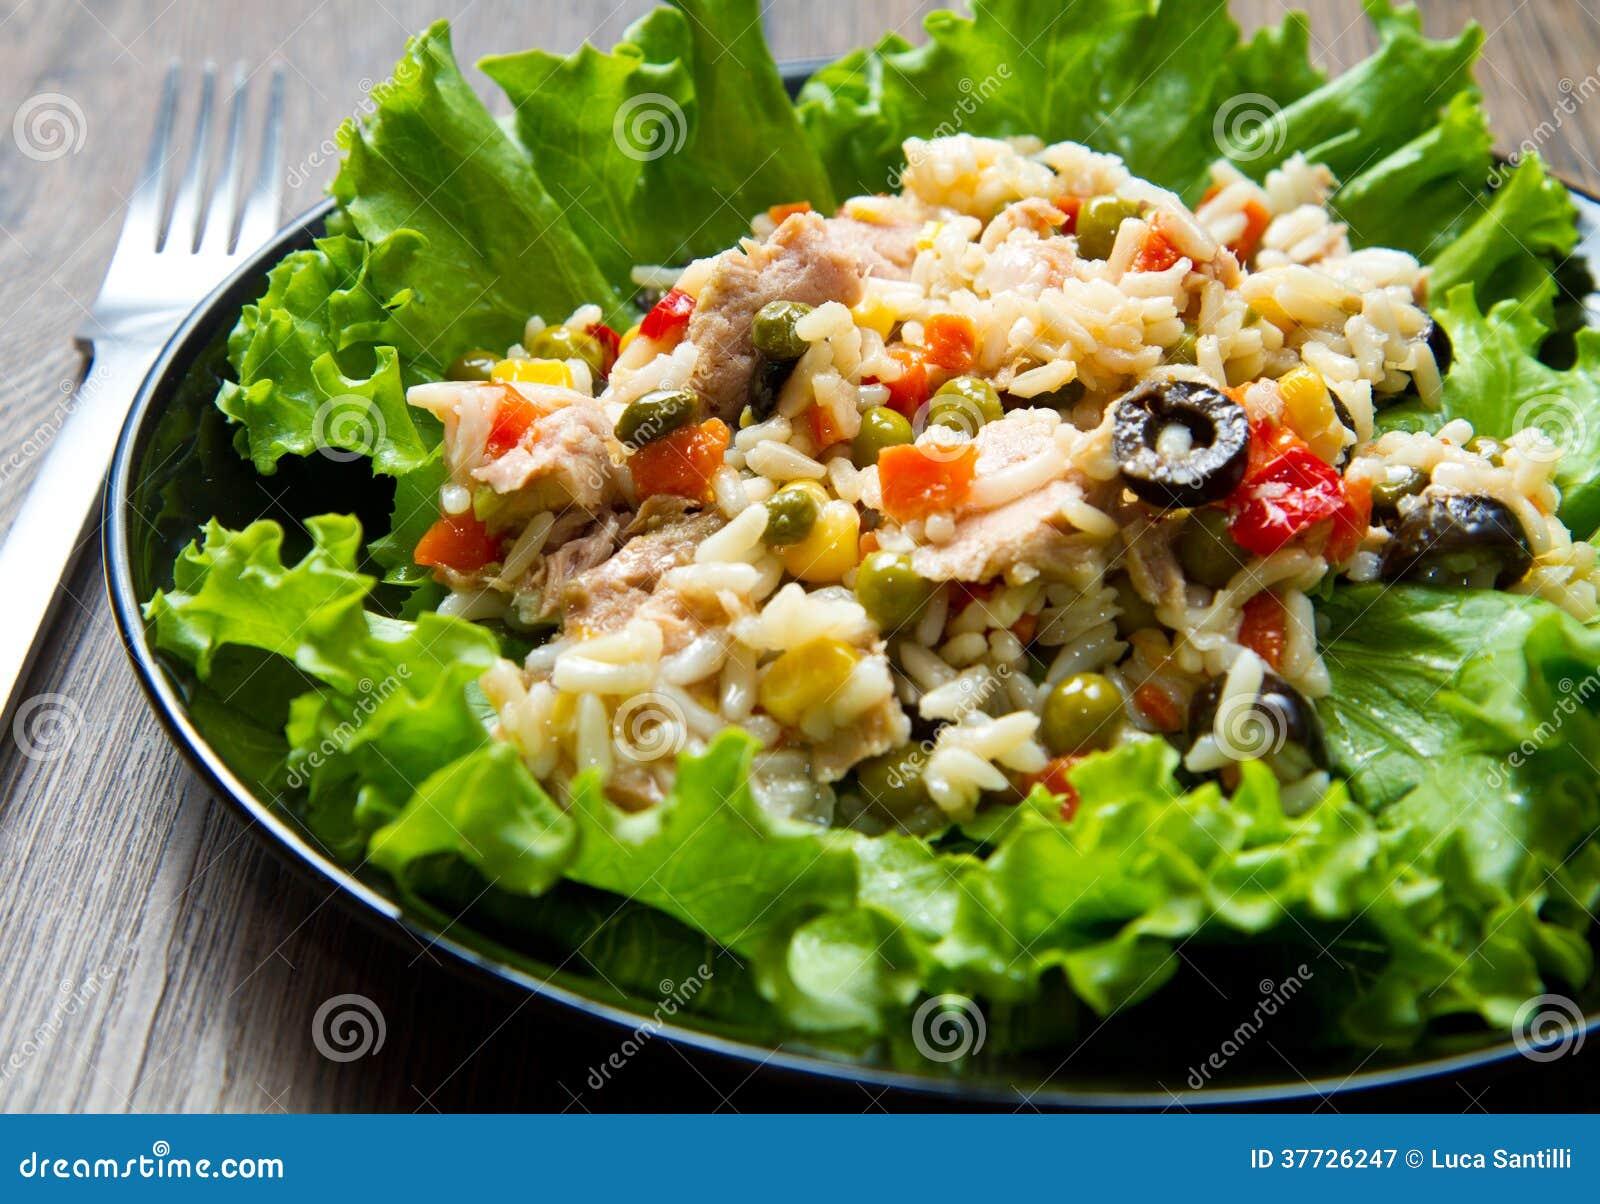 Ensalada de at n con arroz y verduras - Ensalada de arroz y atun ...